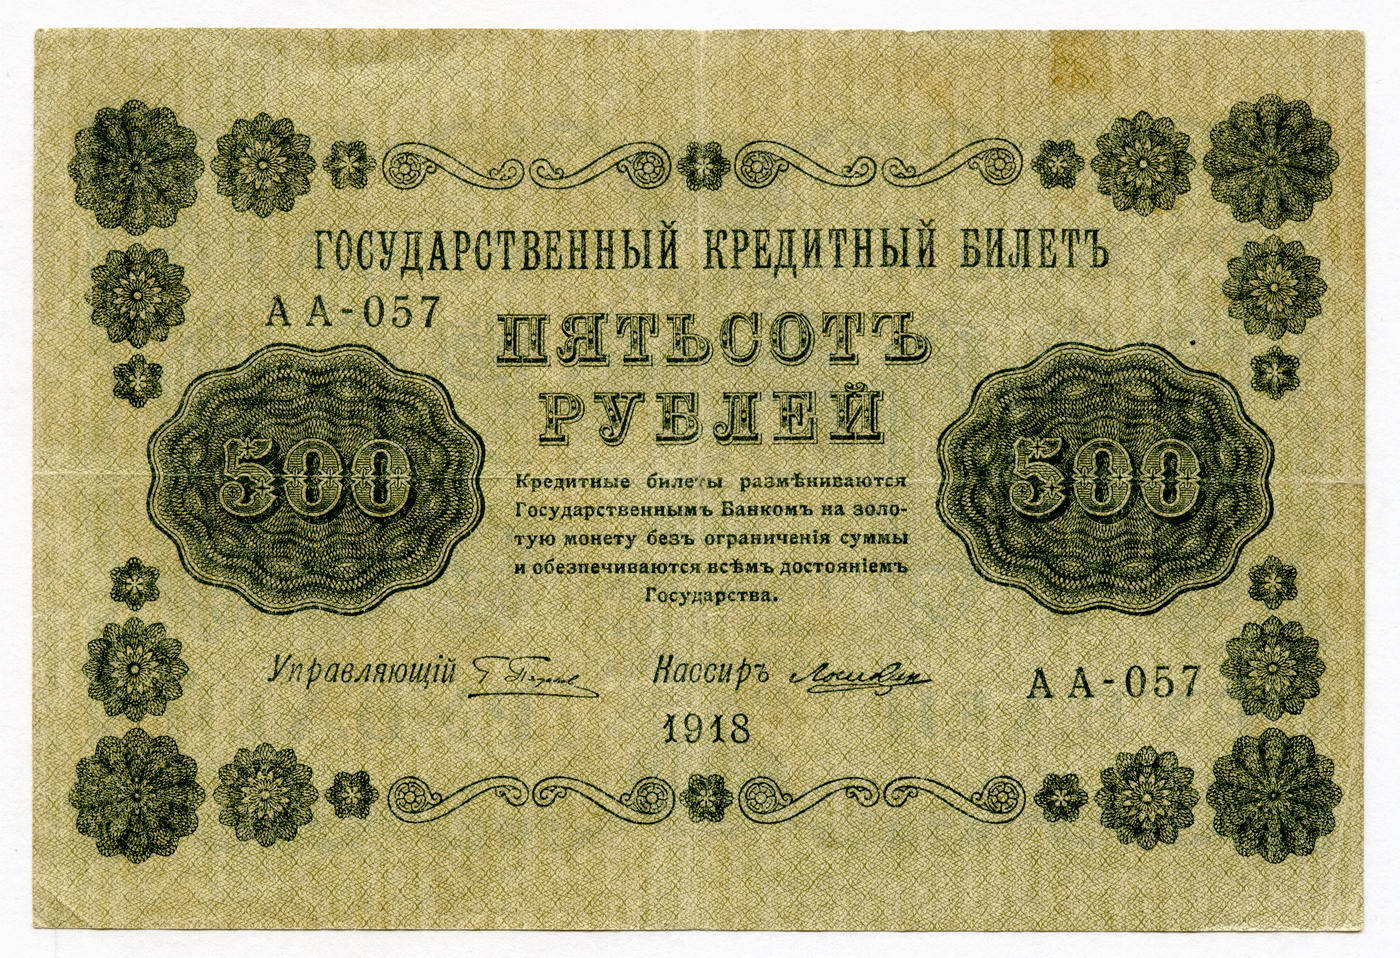 Кредитный билет 500 рублей 1918, Лошкин (серия АА-057) VF